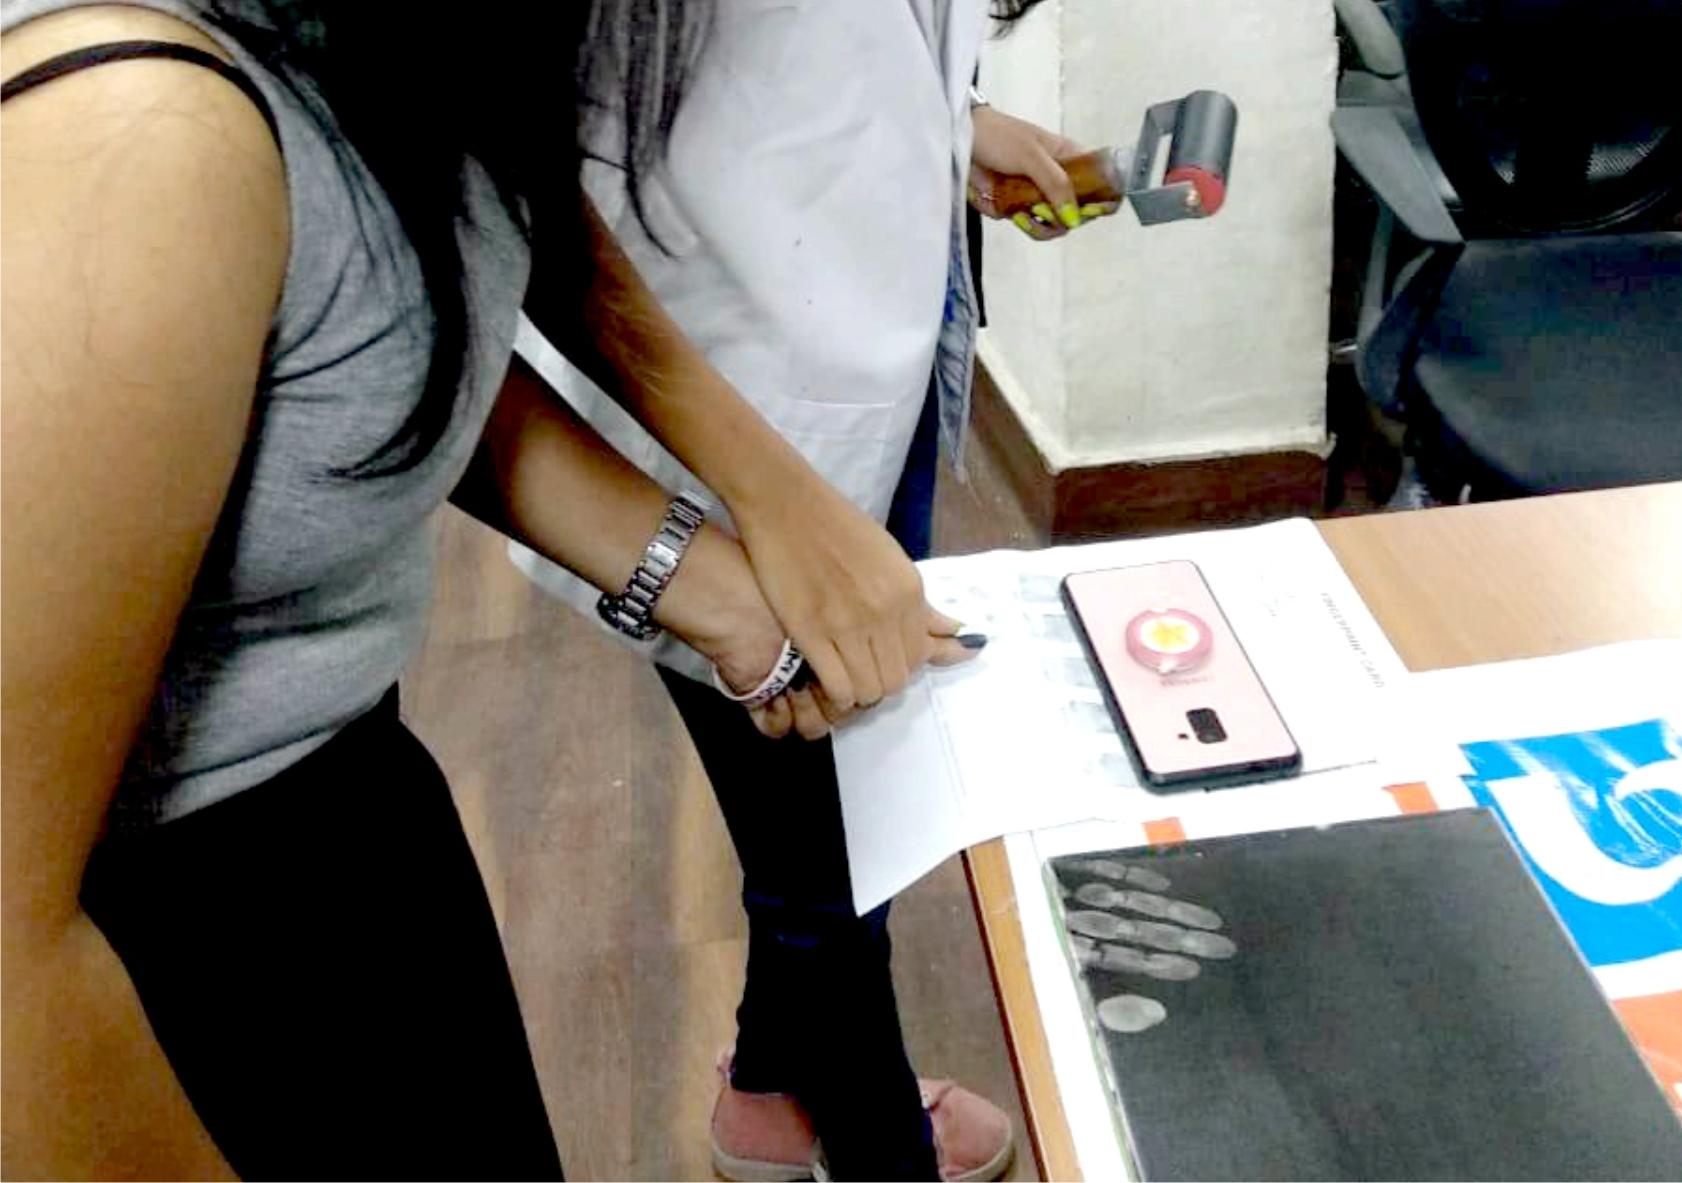 Fingerprint Taking